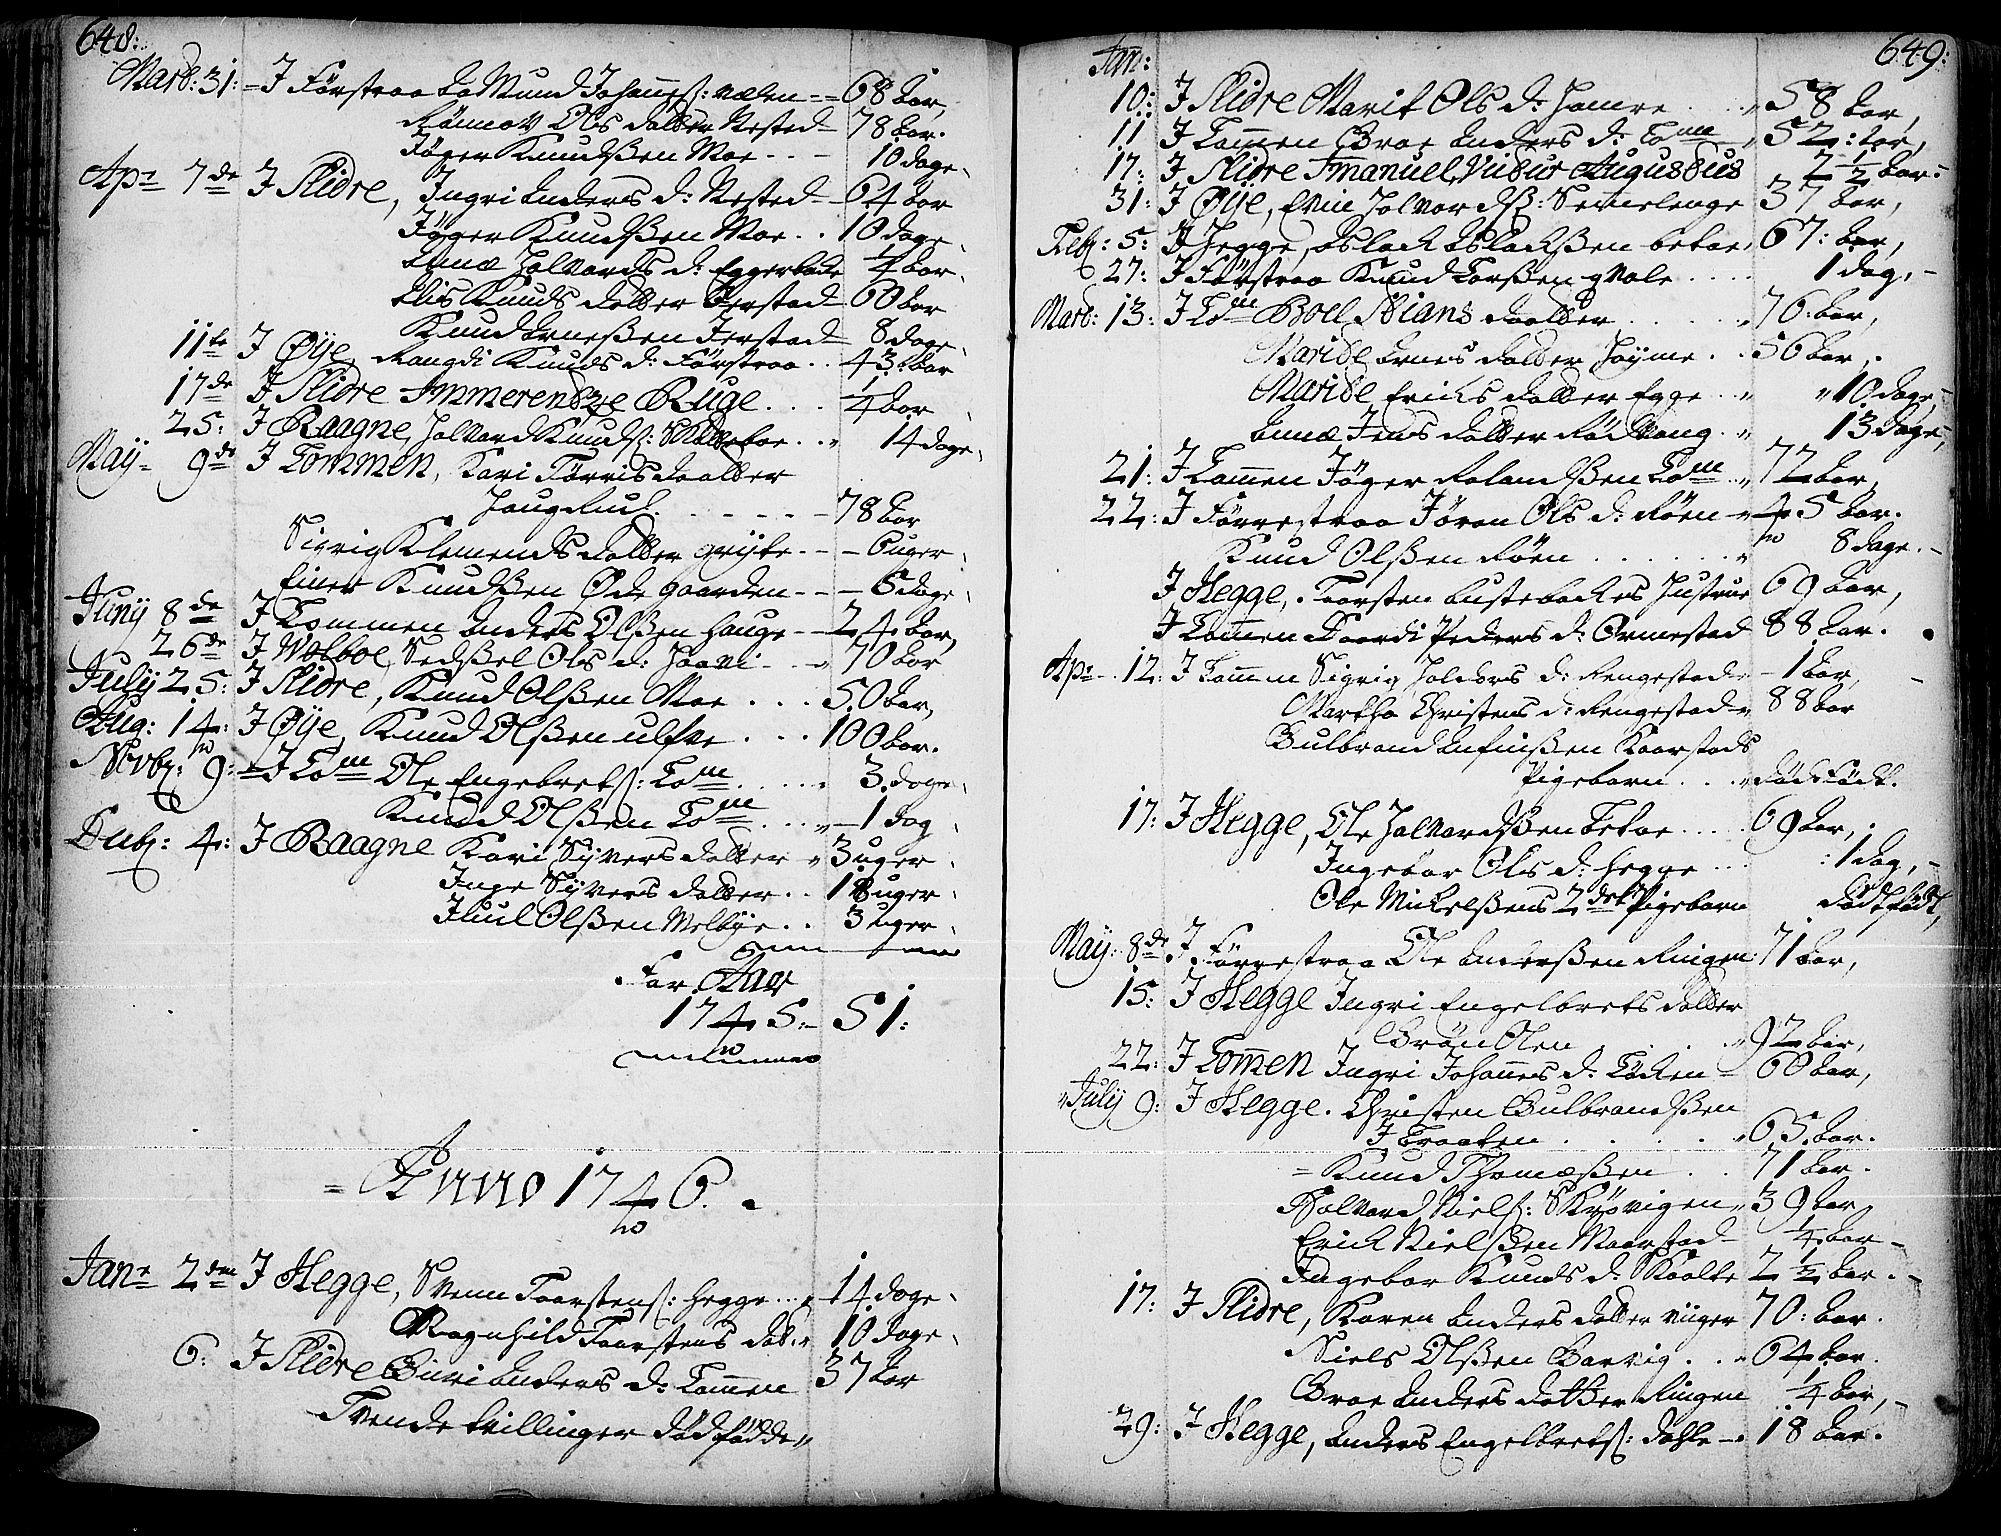 SAH, Slidre prestekontor, Ministerialbok nr. 1, 1724-1814, s. 648-649